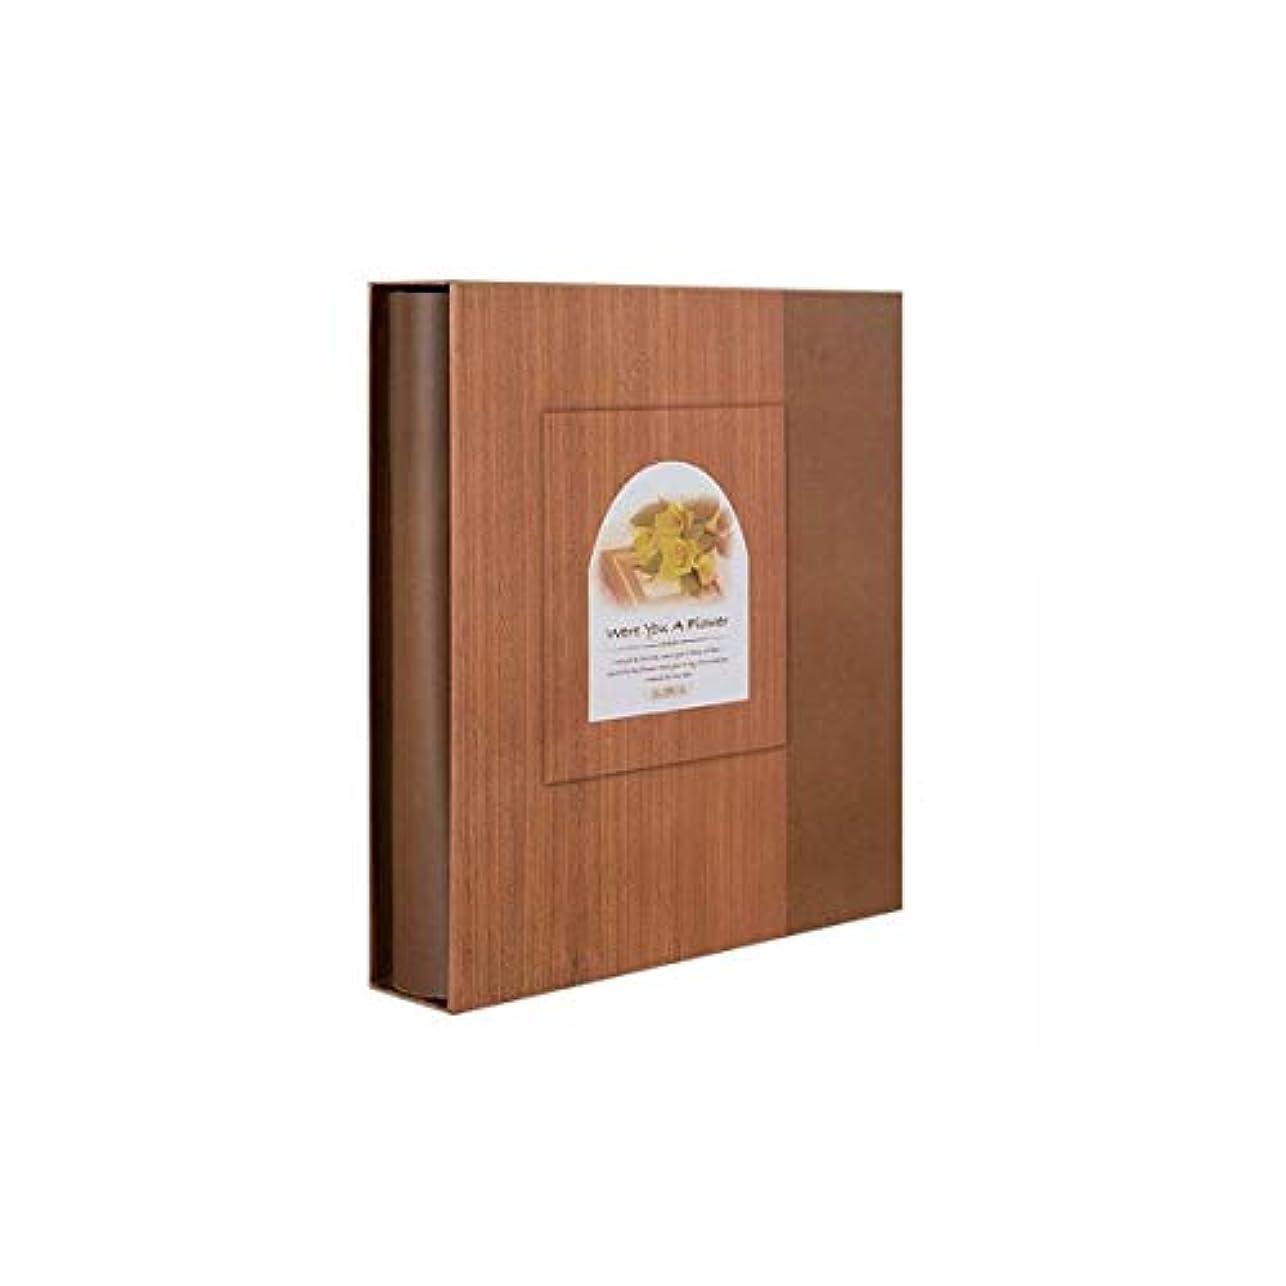 勤勉な直径東部FHSY メモリアルアルバム、創造的なアルバム、子供の成長のイラスト、6インチの家族のアルバム、学生のカップル、卒業フォトブックの古典的な木目 (Color : A)